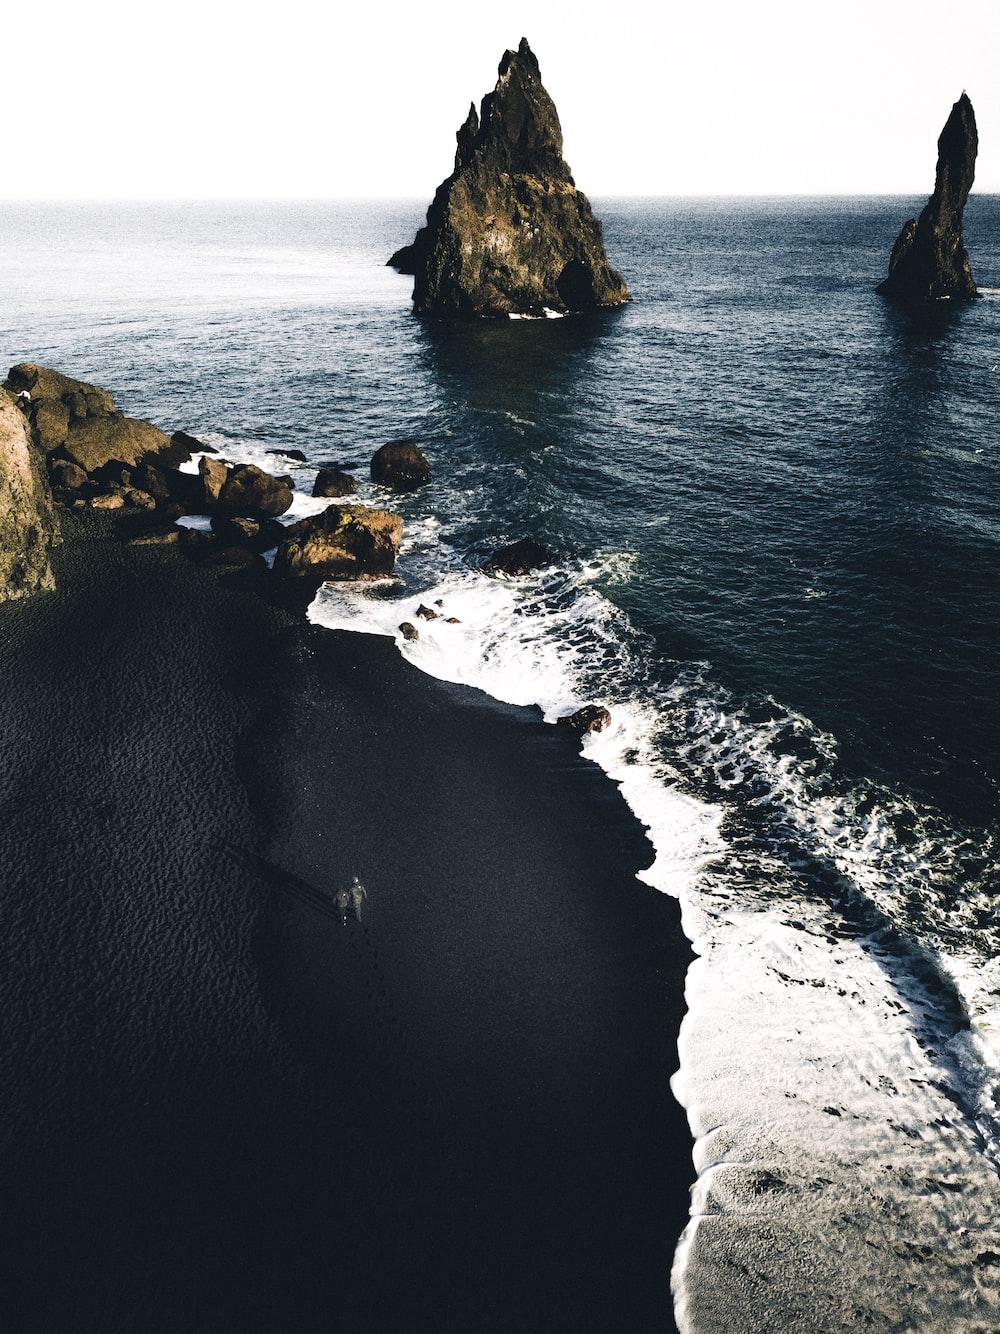 brown cliffs on ocean